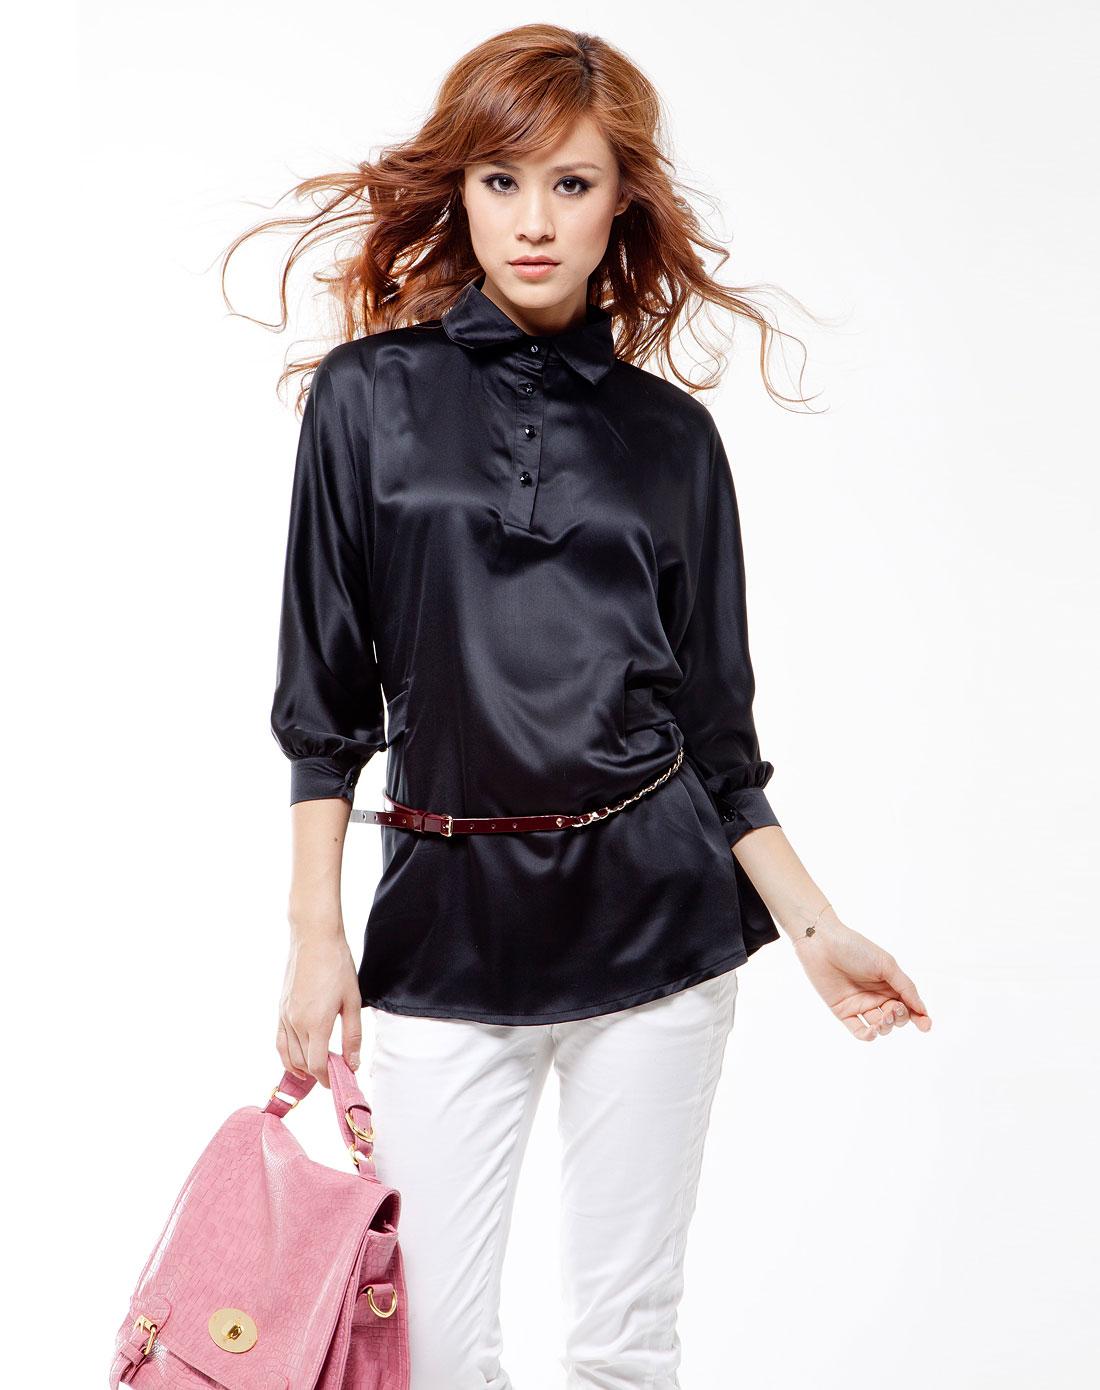 芮儿ria女装专场-黑色复古女人味蝙蝠袖带腰带绸缎衬衣